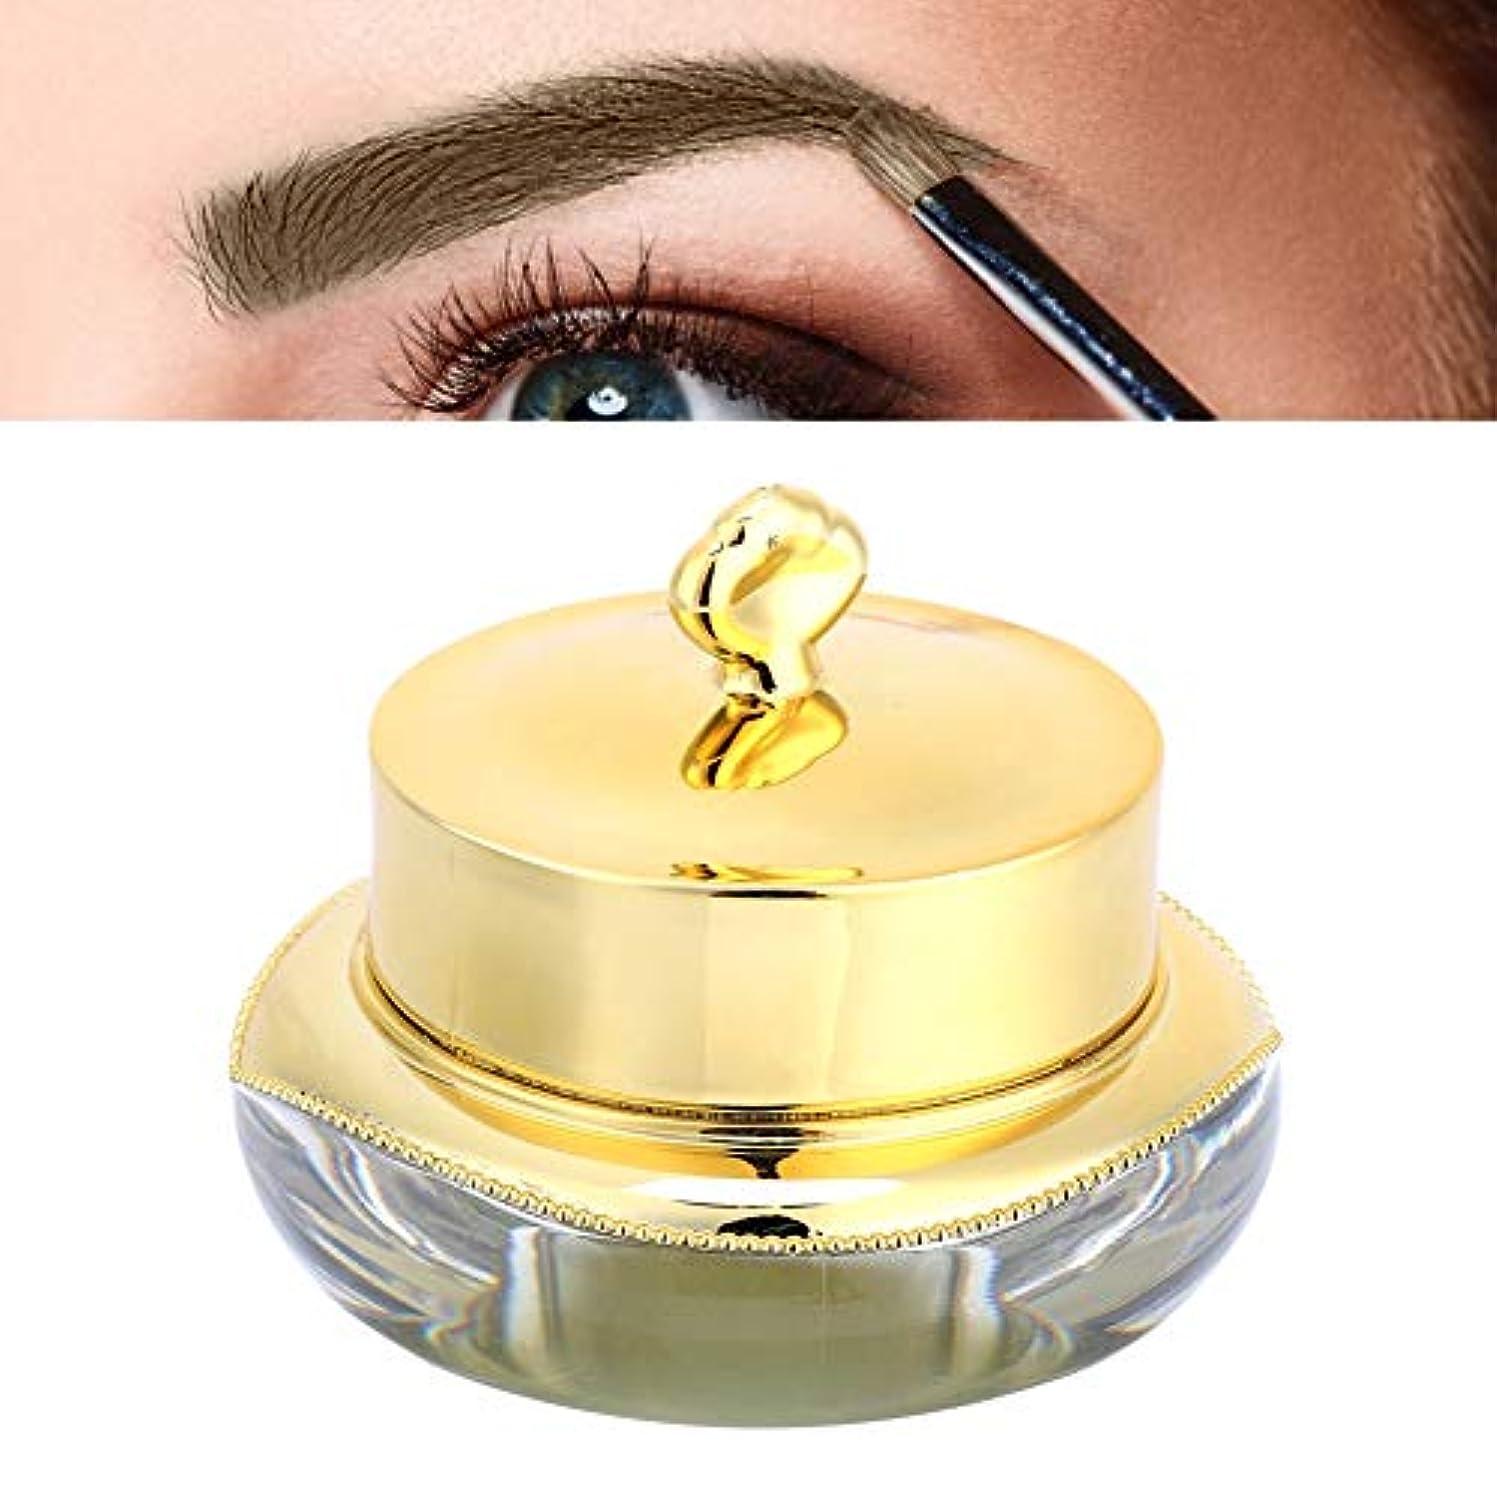 インタフェース穏やかな差し引く眉毛インク 天然植物 顔料 顔料の半永久的な唇の眉毛の 長続きがするインククリームの眉毛の唇のアイラインの永久的な構造(コーヒー)